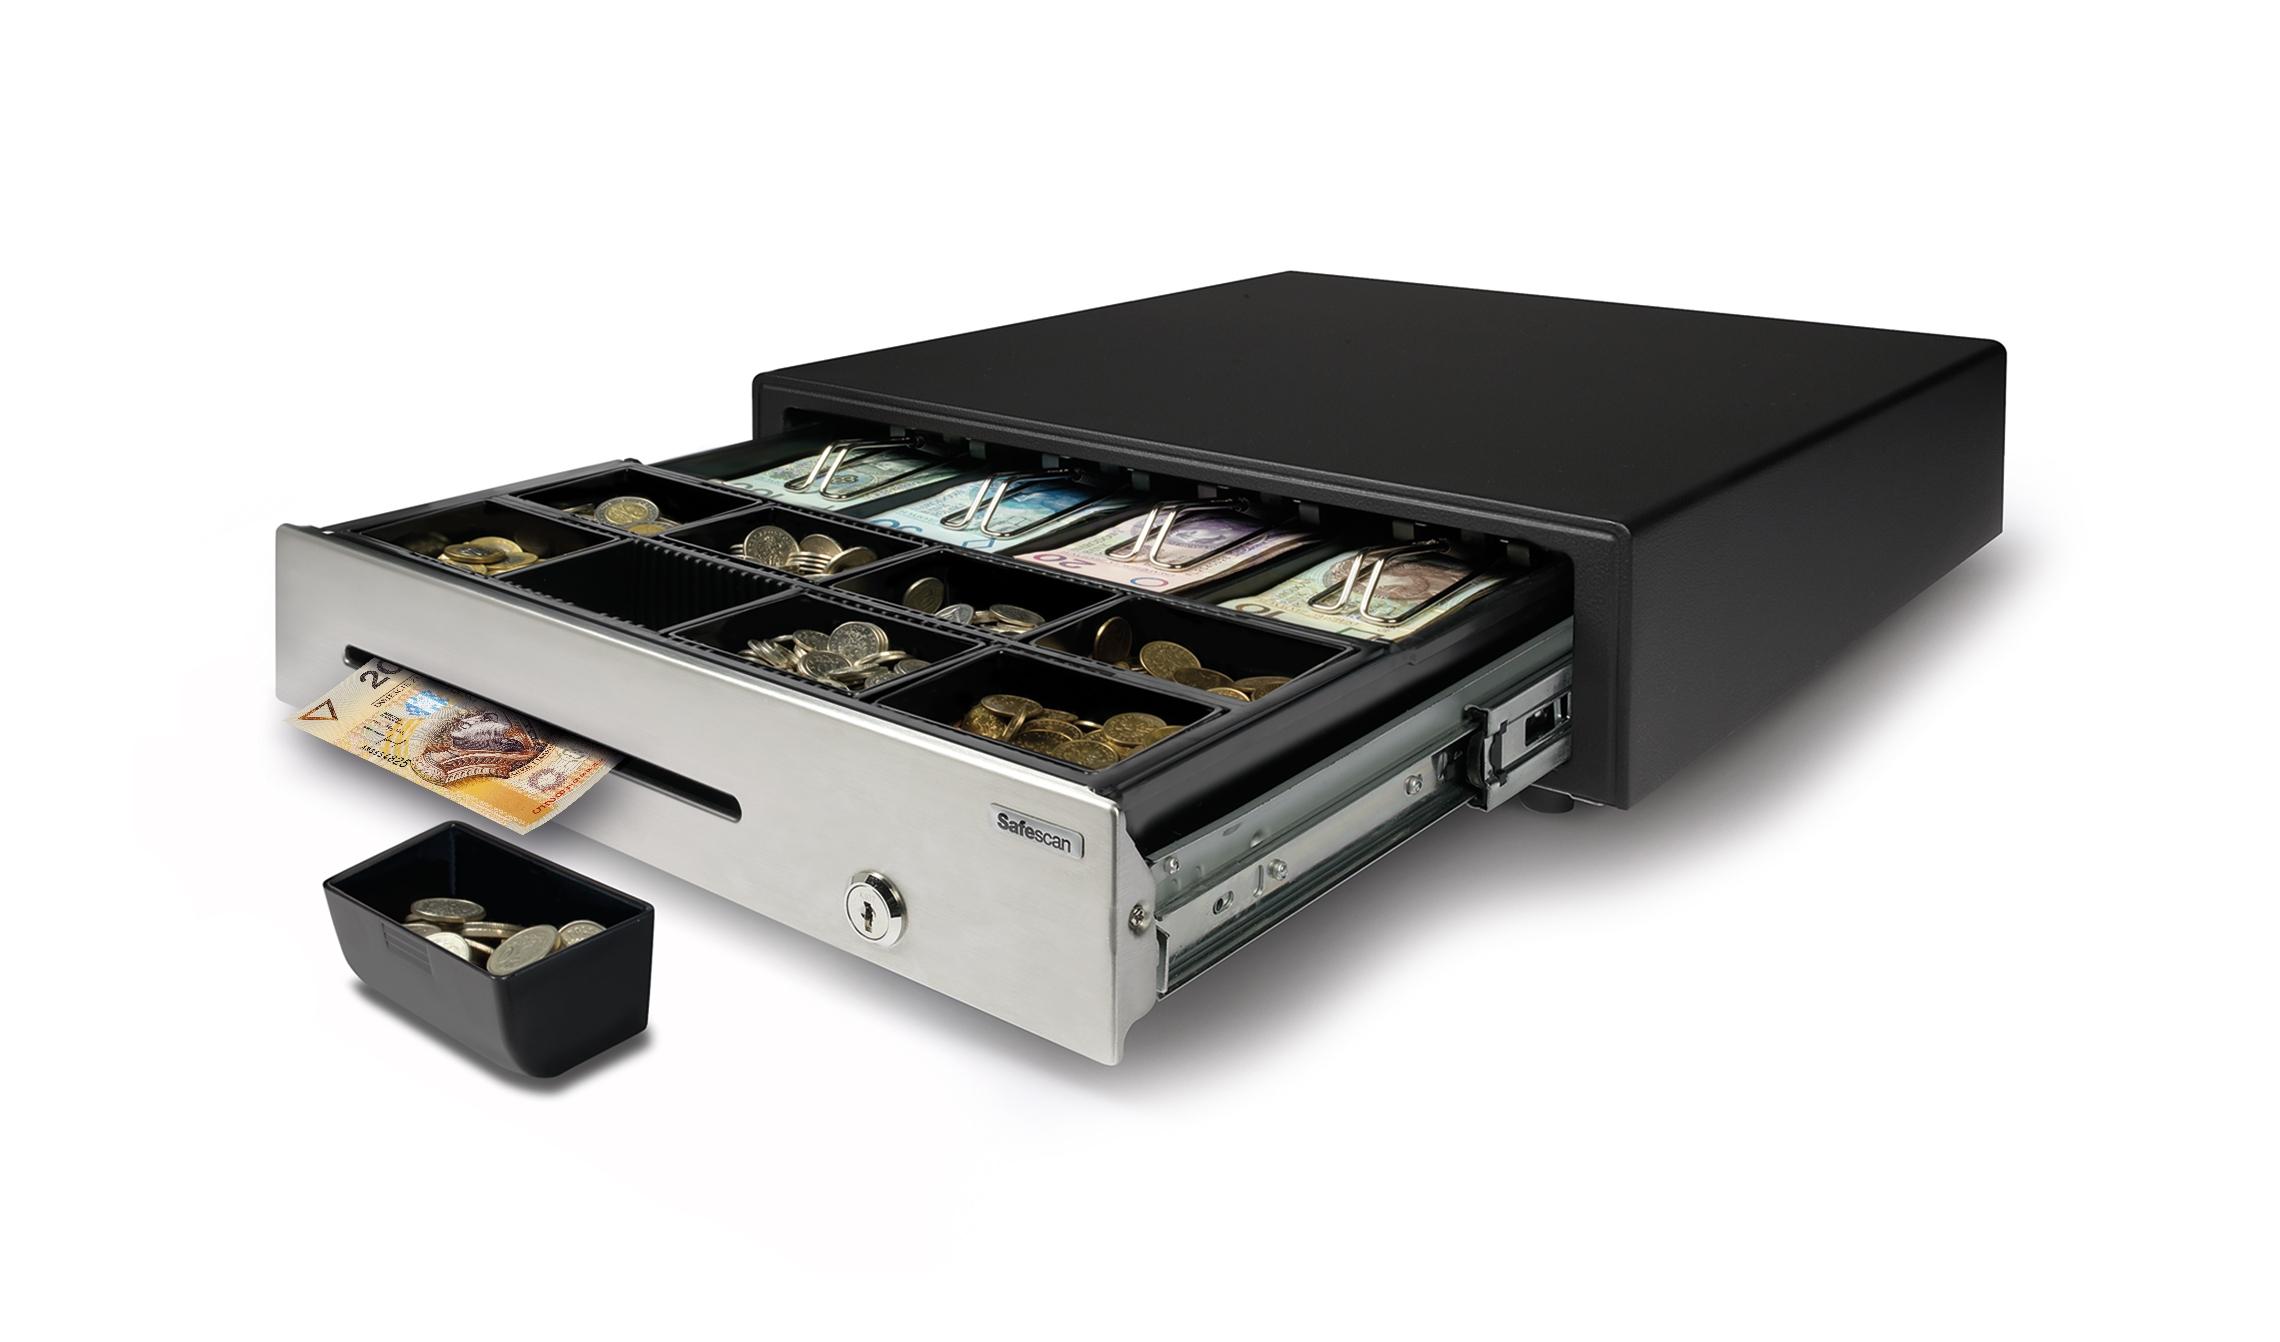 safescan-4141cc-zestaw-8-pojemnikow-na-monety